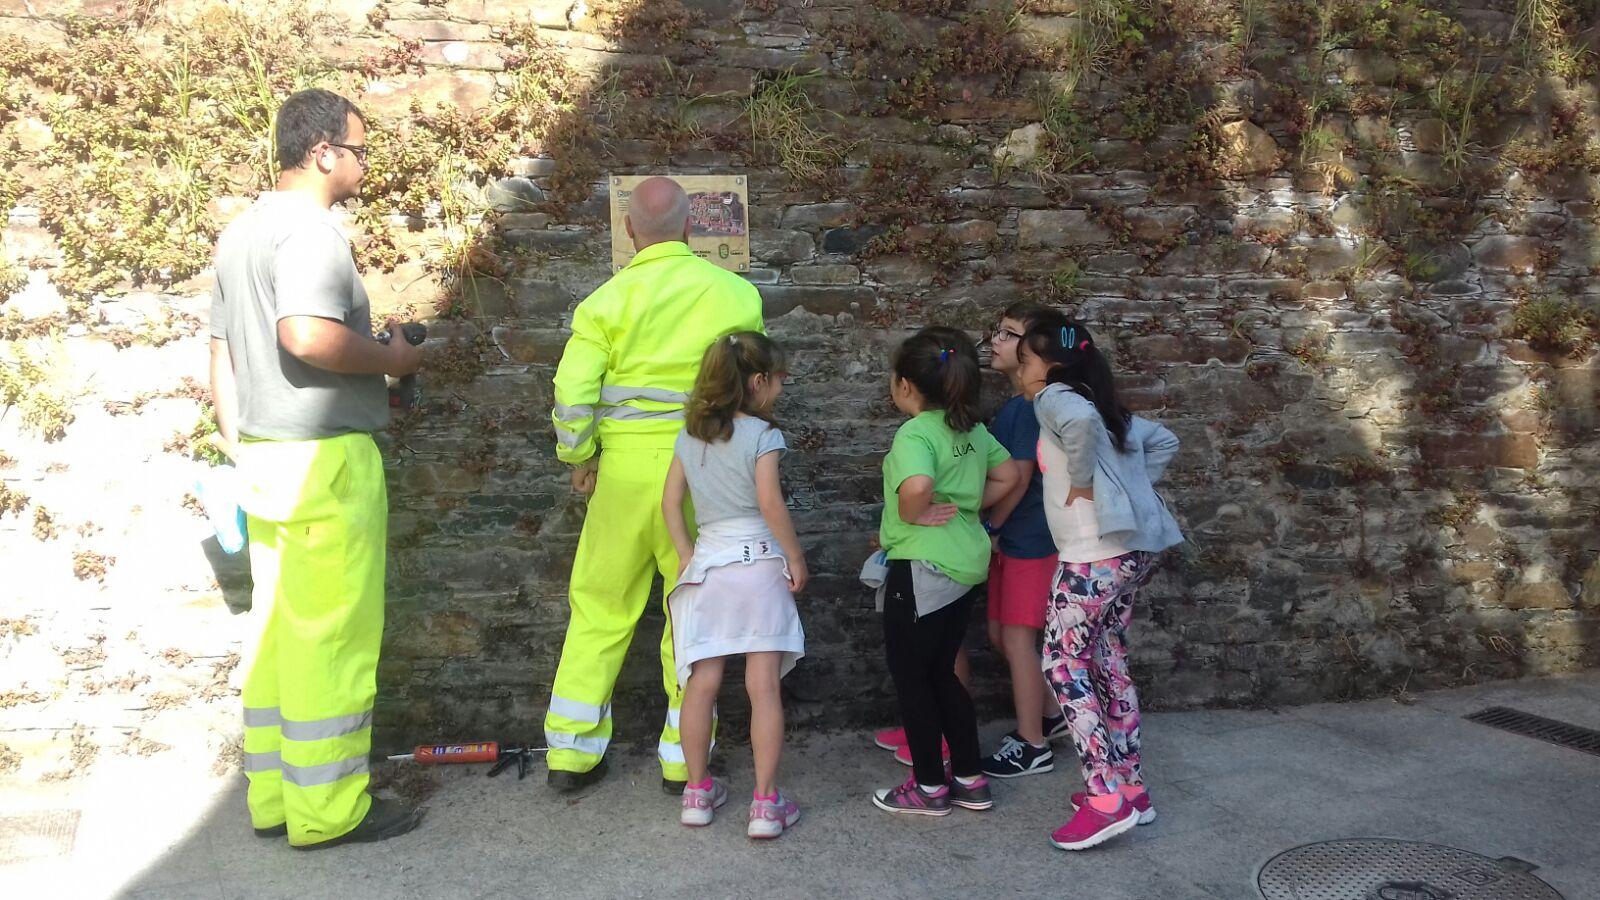 Alumnos do CEIP Nicolás del Rio sinalizan as portas da Cedeira medieval con códigos Q